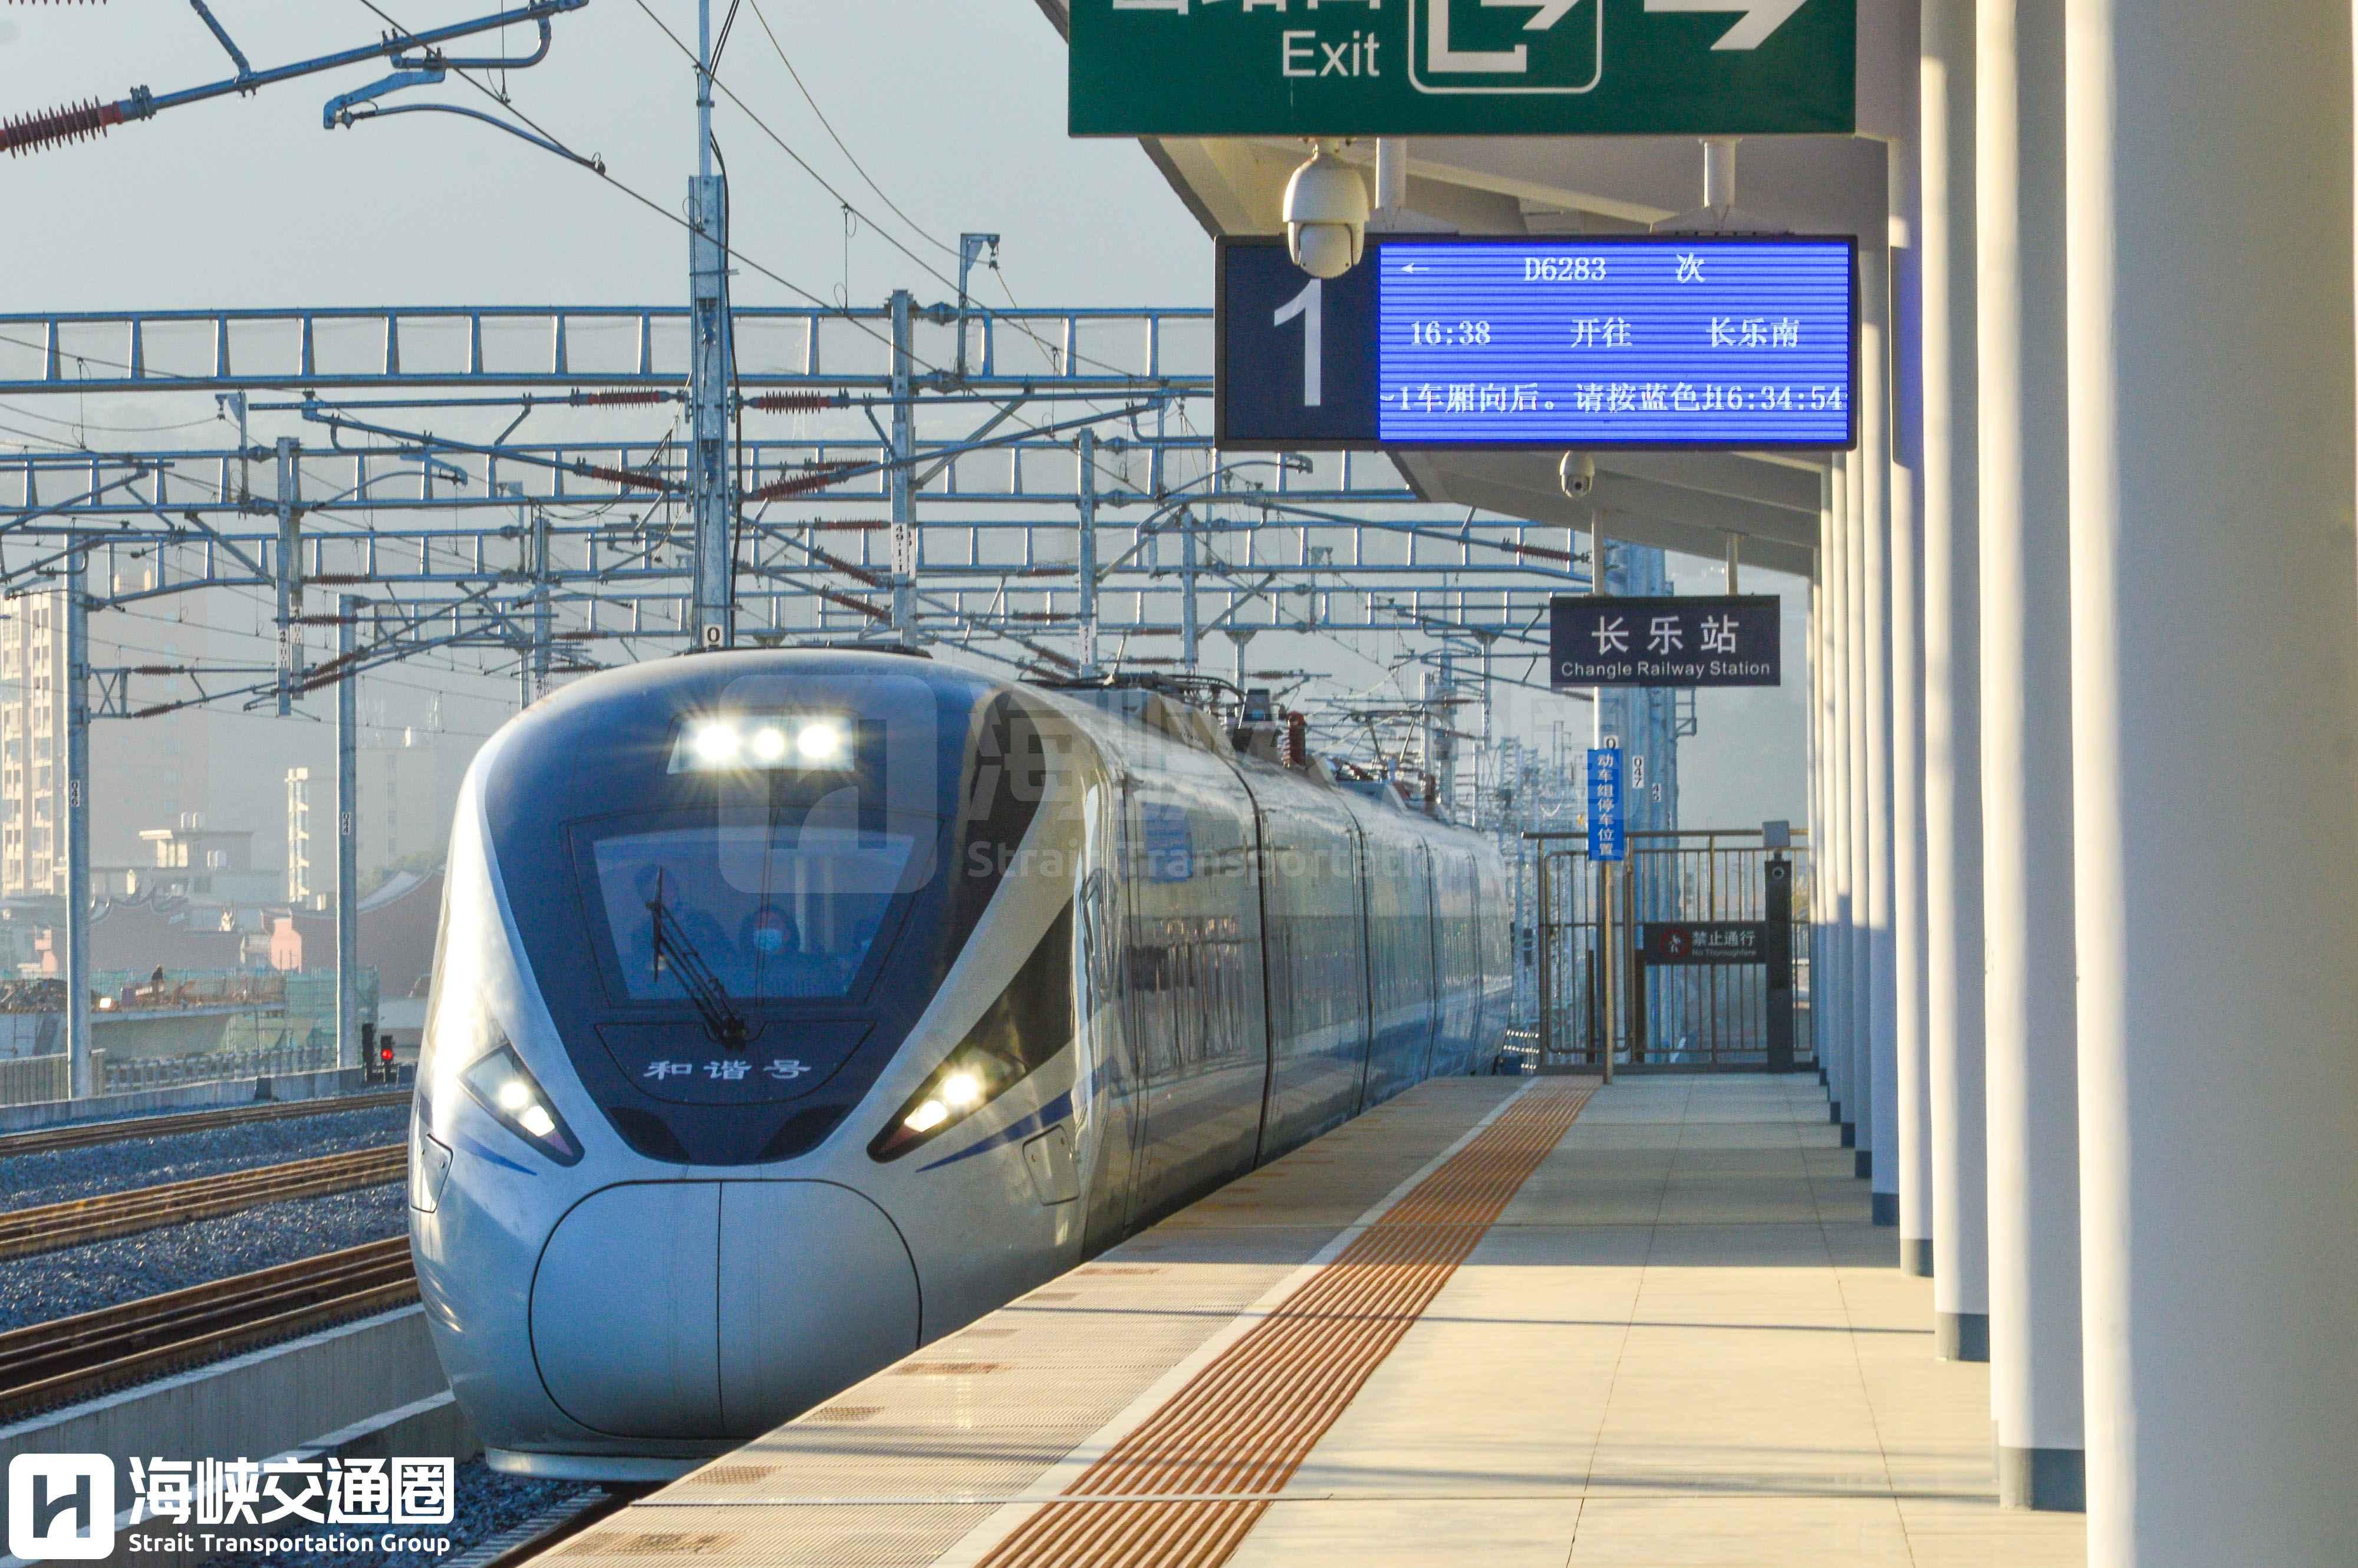 列车进入长乐站_结果1.jpg